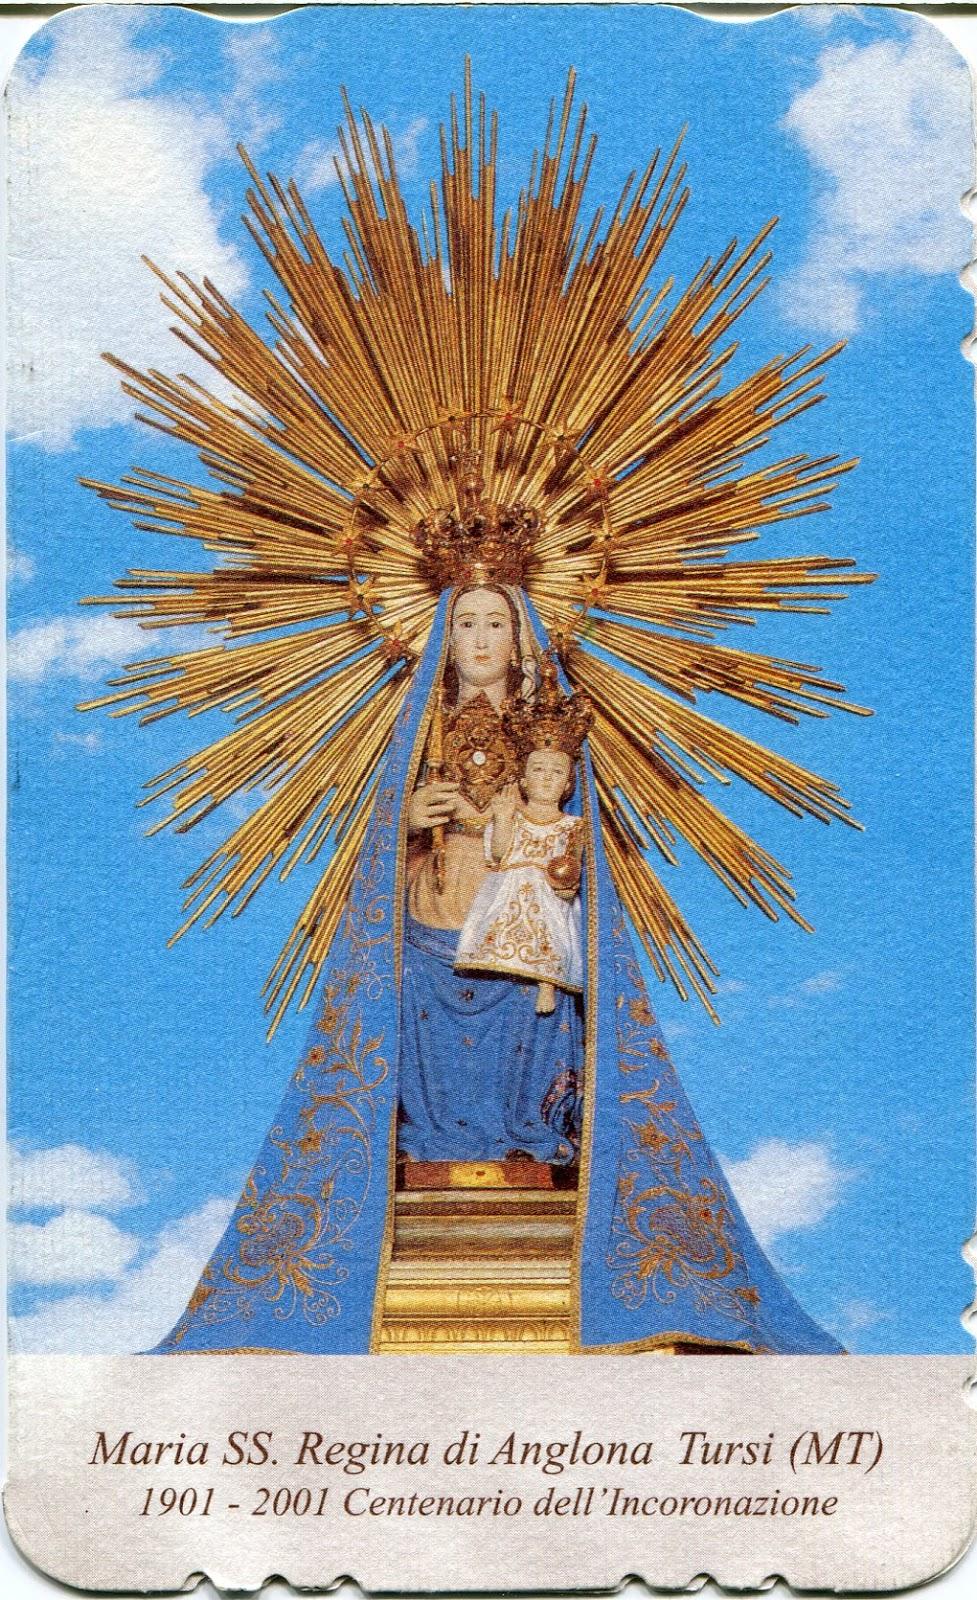 """XXVII """"Giro Podistico Tursitano - 8° Memorial Vito Gravino"""", quest'anno da Tursi al santuario mariano, per il 1° Trofeo Madonna di Anglona"""